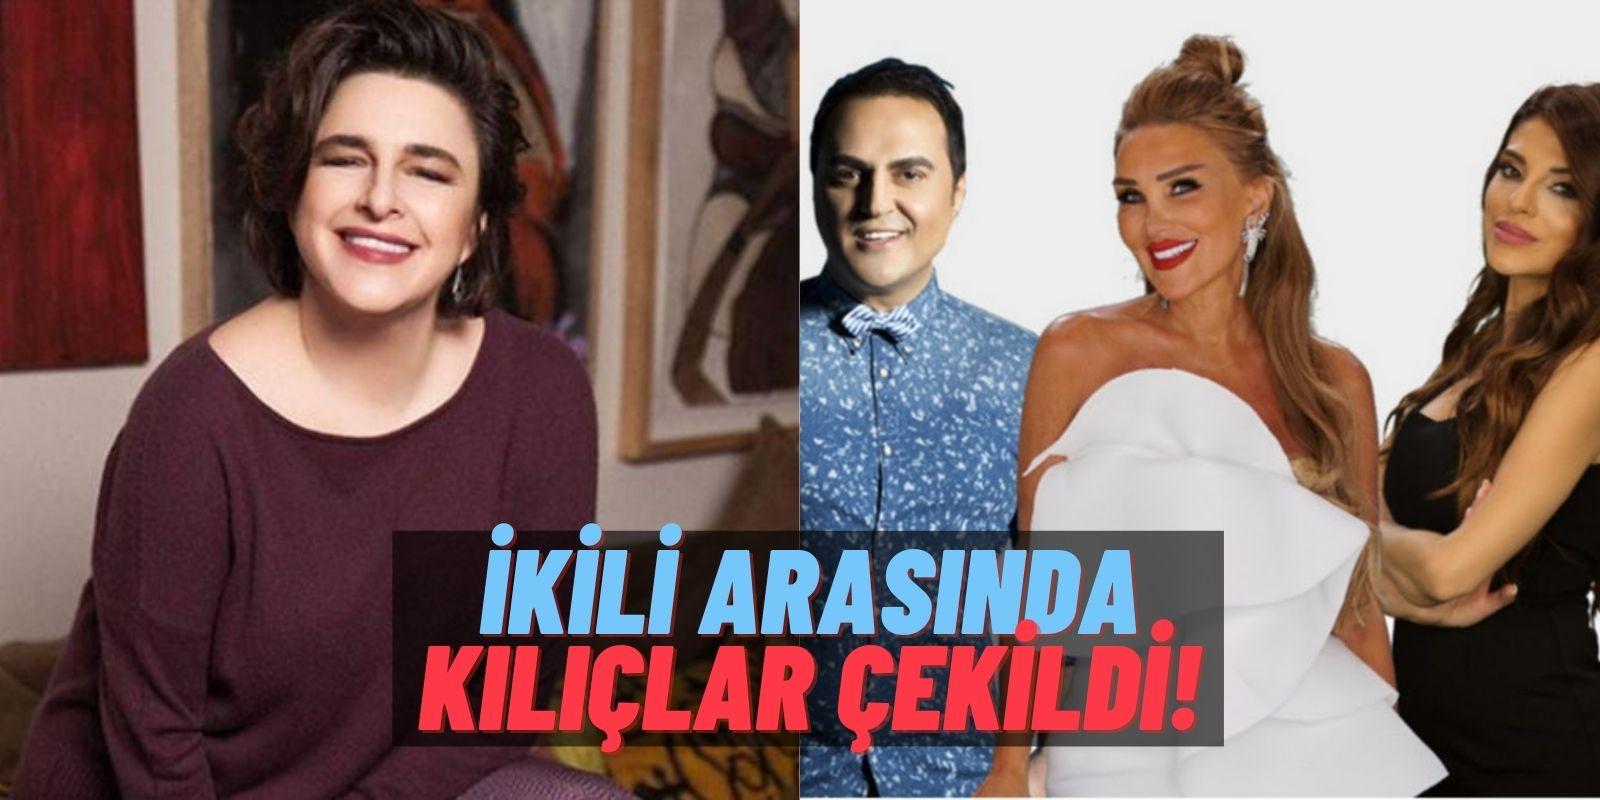 """Esra Dermancıoğlu'nun """"Aldatma"""" Açıklamasına Seren Serengil'den Yanıt Gecikmedi: """"Kabul Eden Kadın Çaresizdir!"""""""